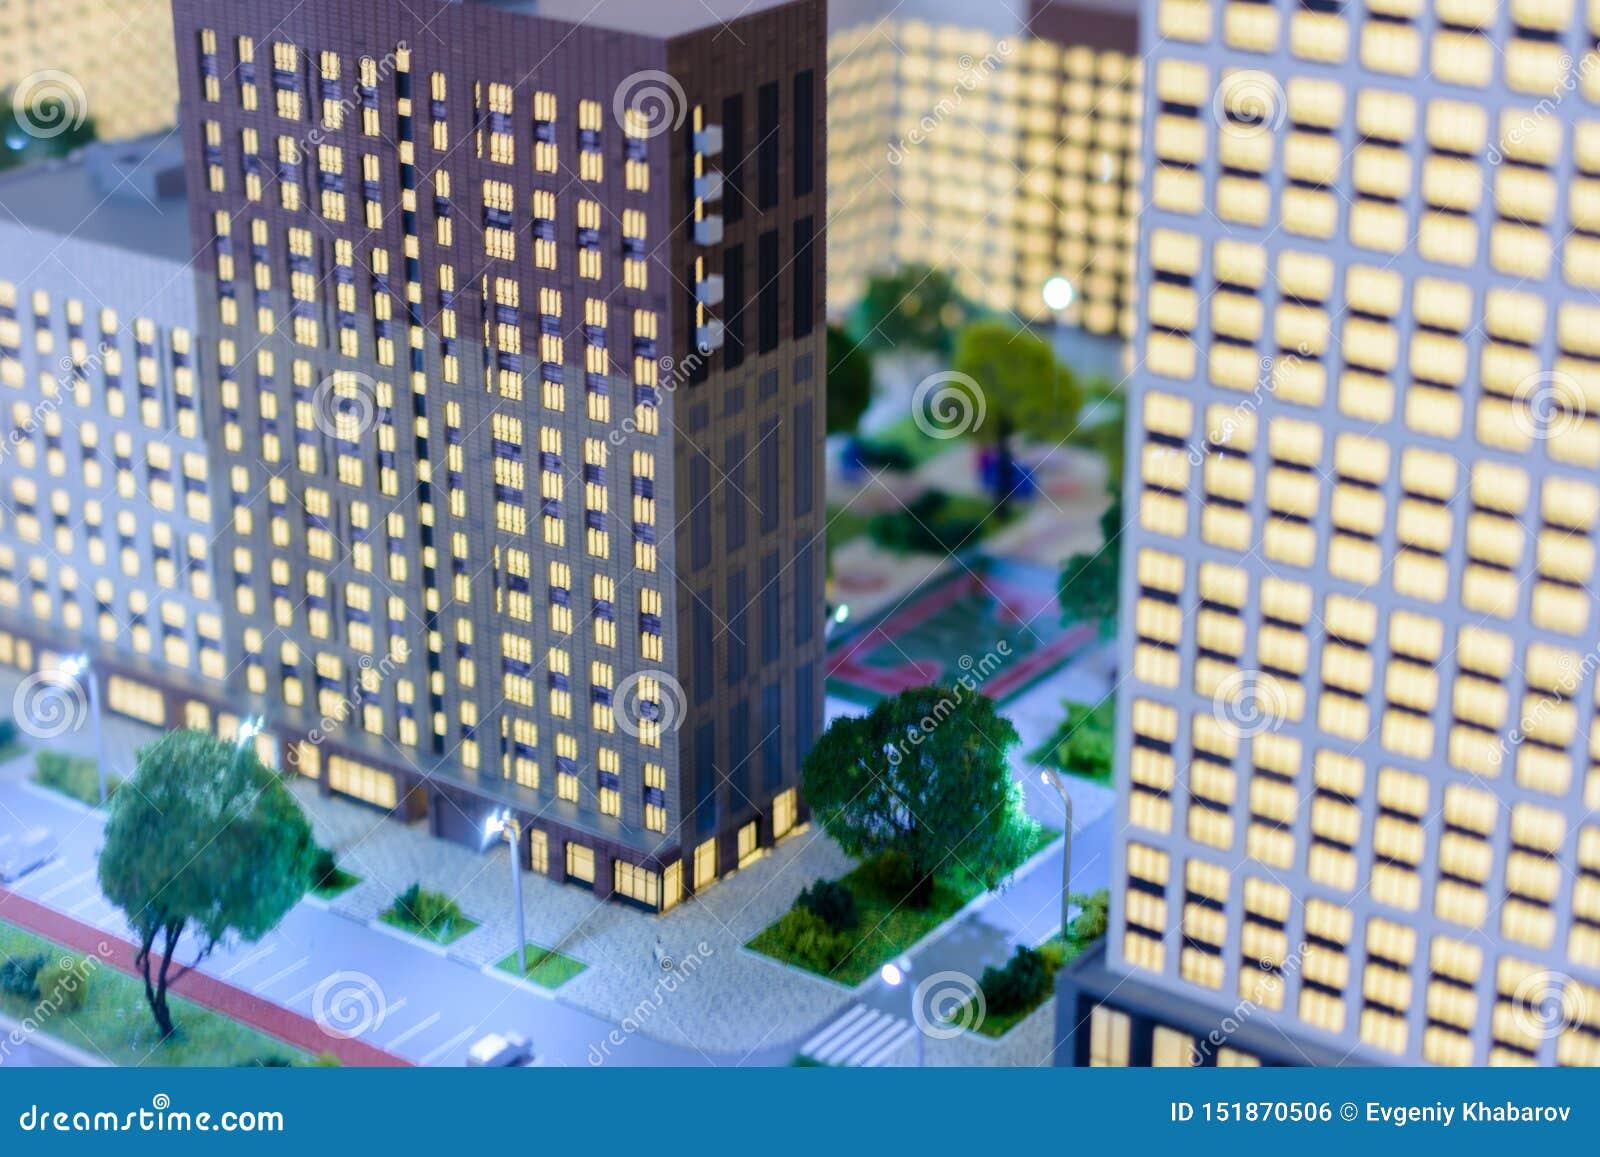 Stuk speelgoed stad Het onduidelijke beeldeffect van de schuine standverschuiving Cityscape van de woonwijk moderne wolkenkrabber